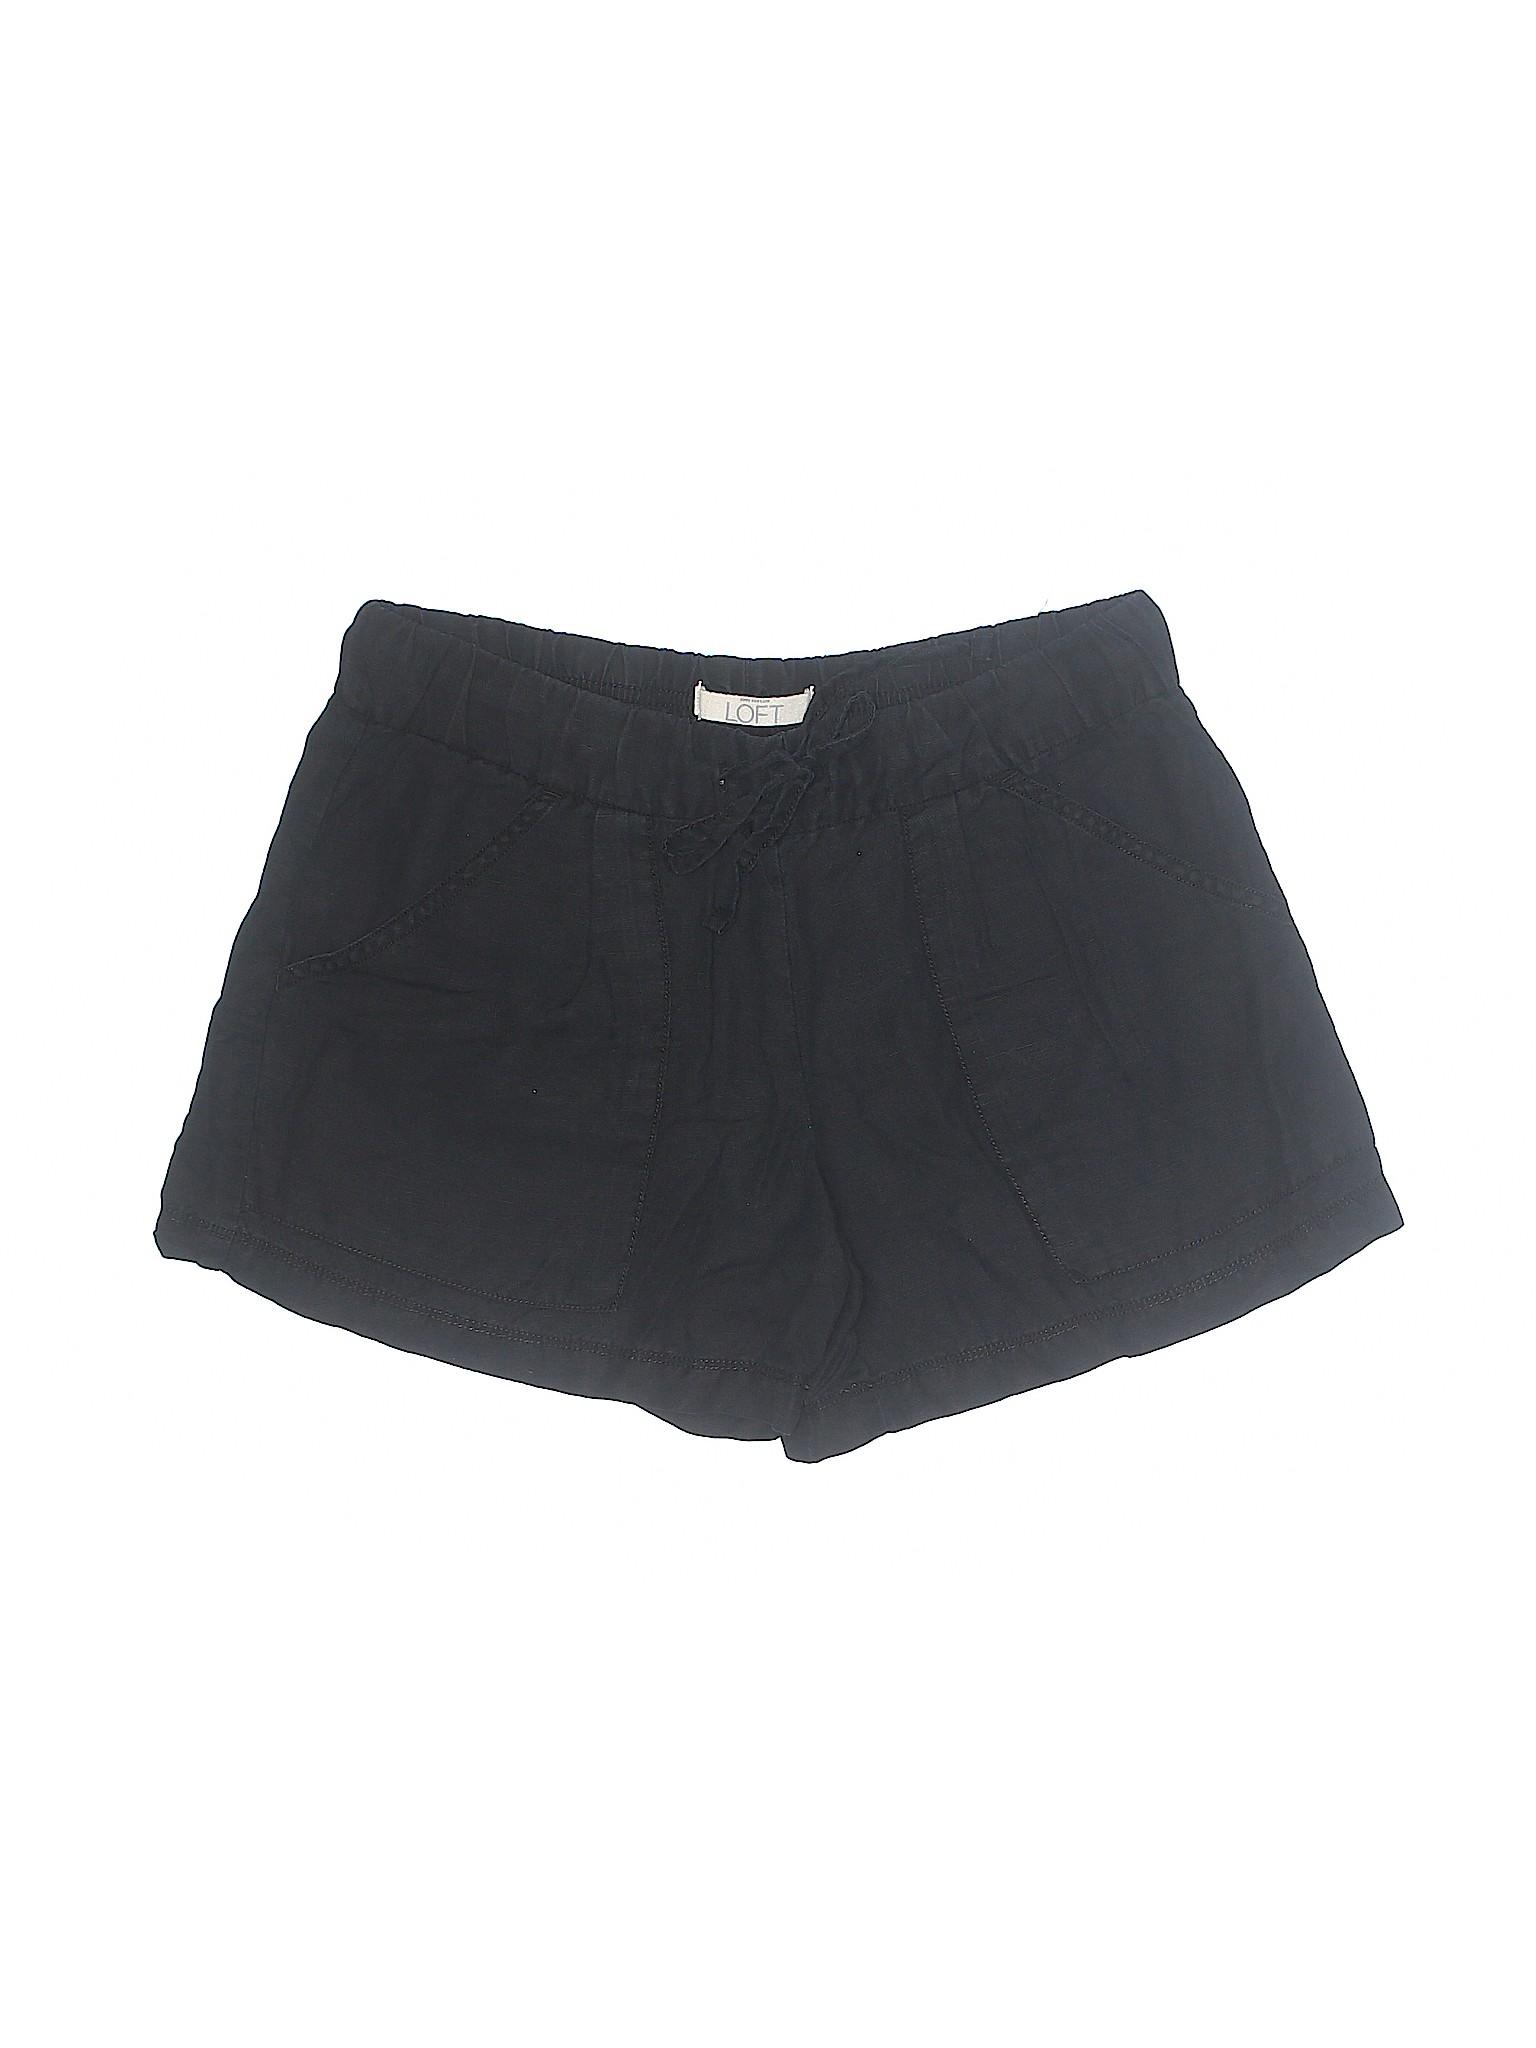 Boutique Ann Ann Taylor Taylor LOFT Boutique Shorts LOFT aRdRqw